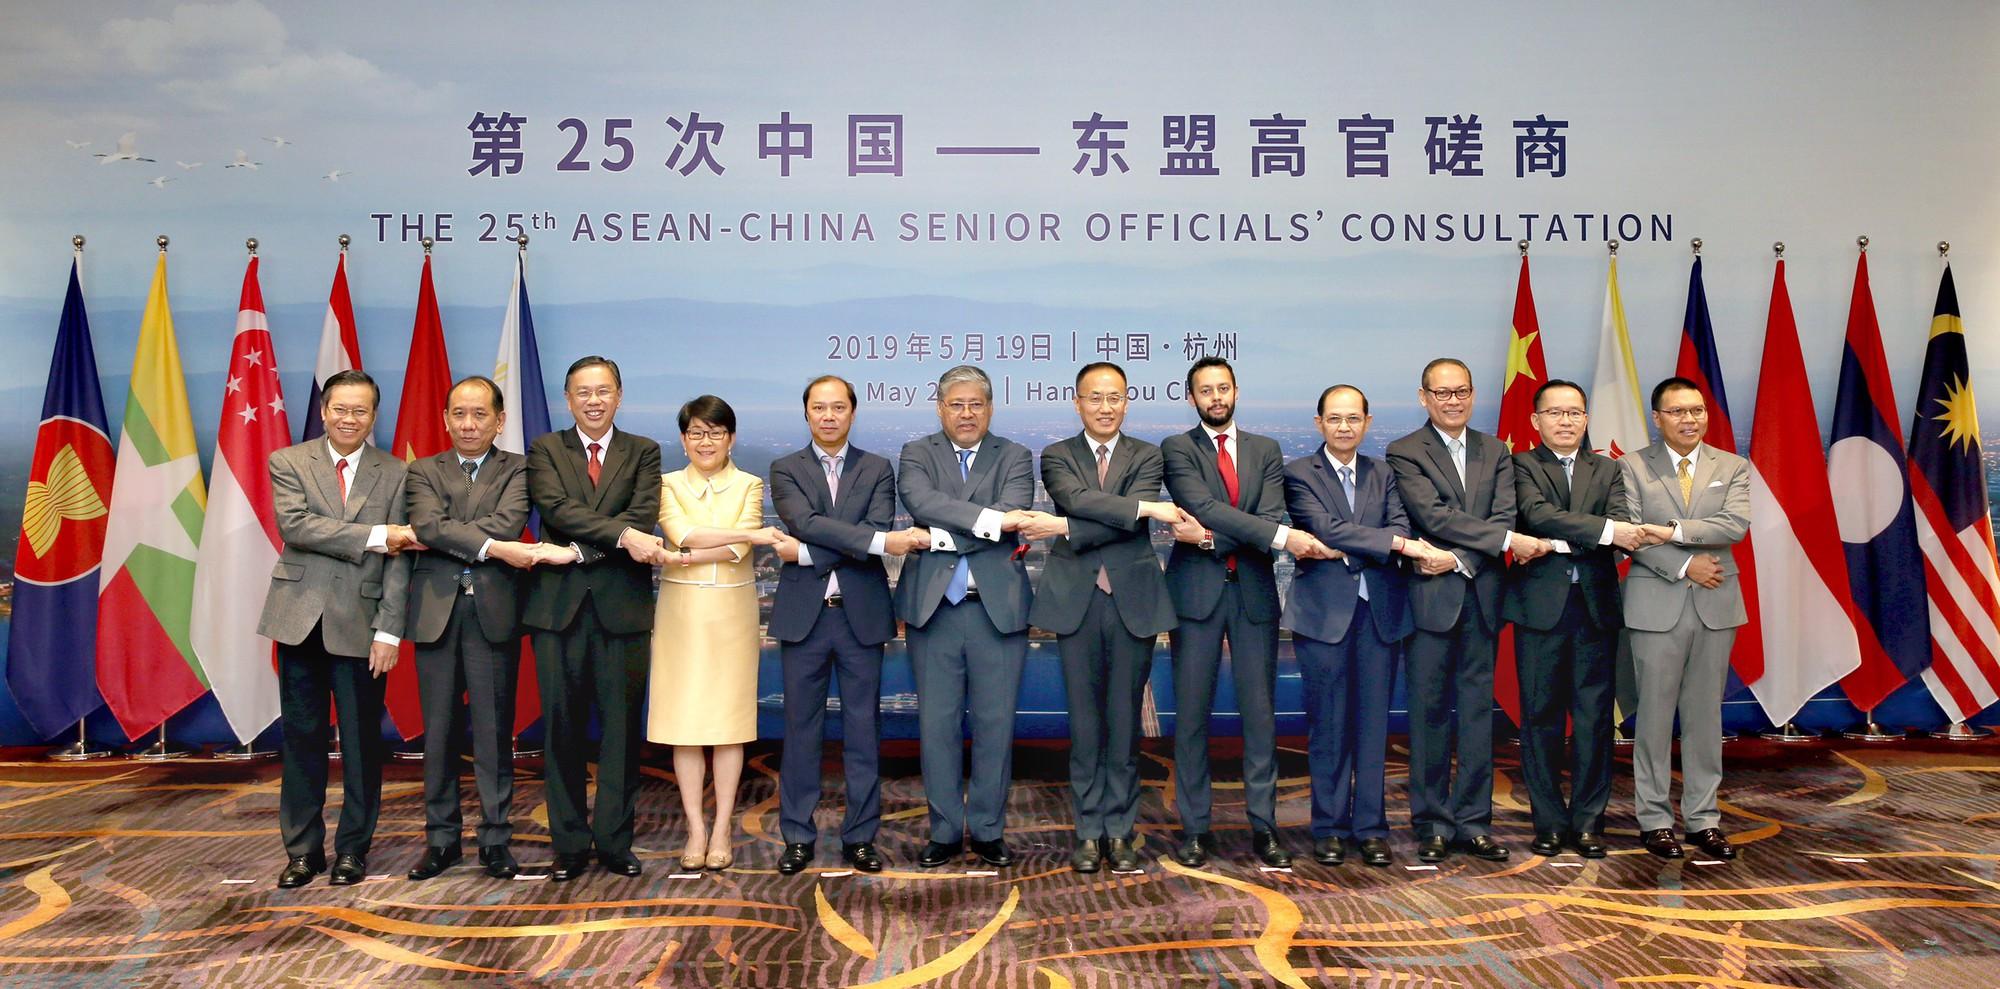 ASEAN-Trung Quốc họp bàn biện pháp thúc đẩy quan hệ - Ảnh 1.